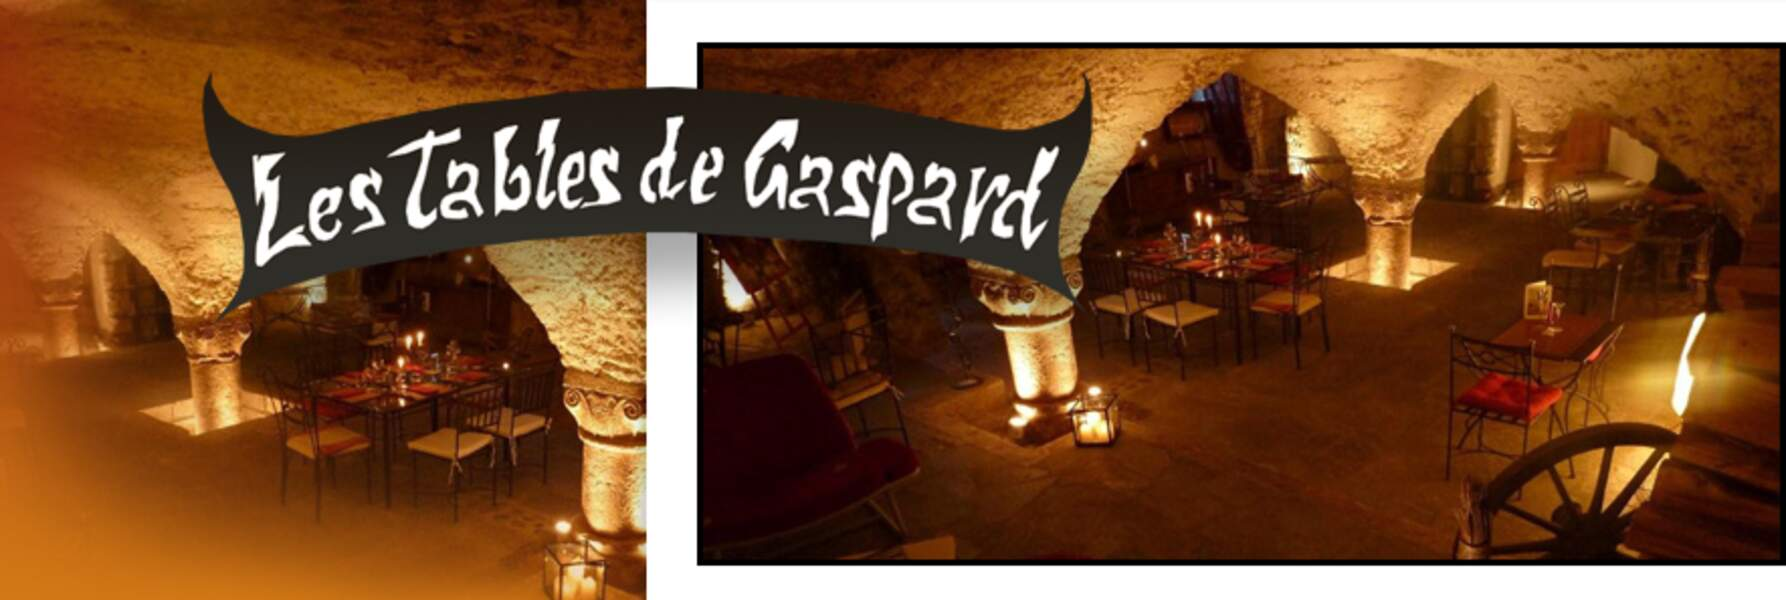 Les Tables de Gaspard, Saint-Crépin (Hautes-Alpes)